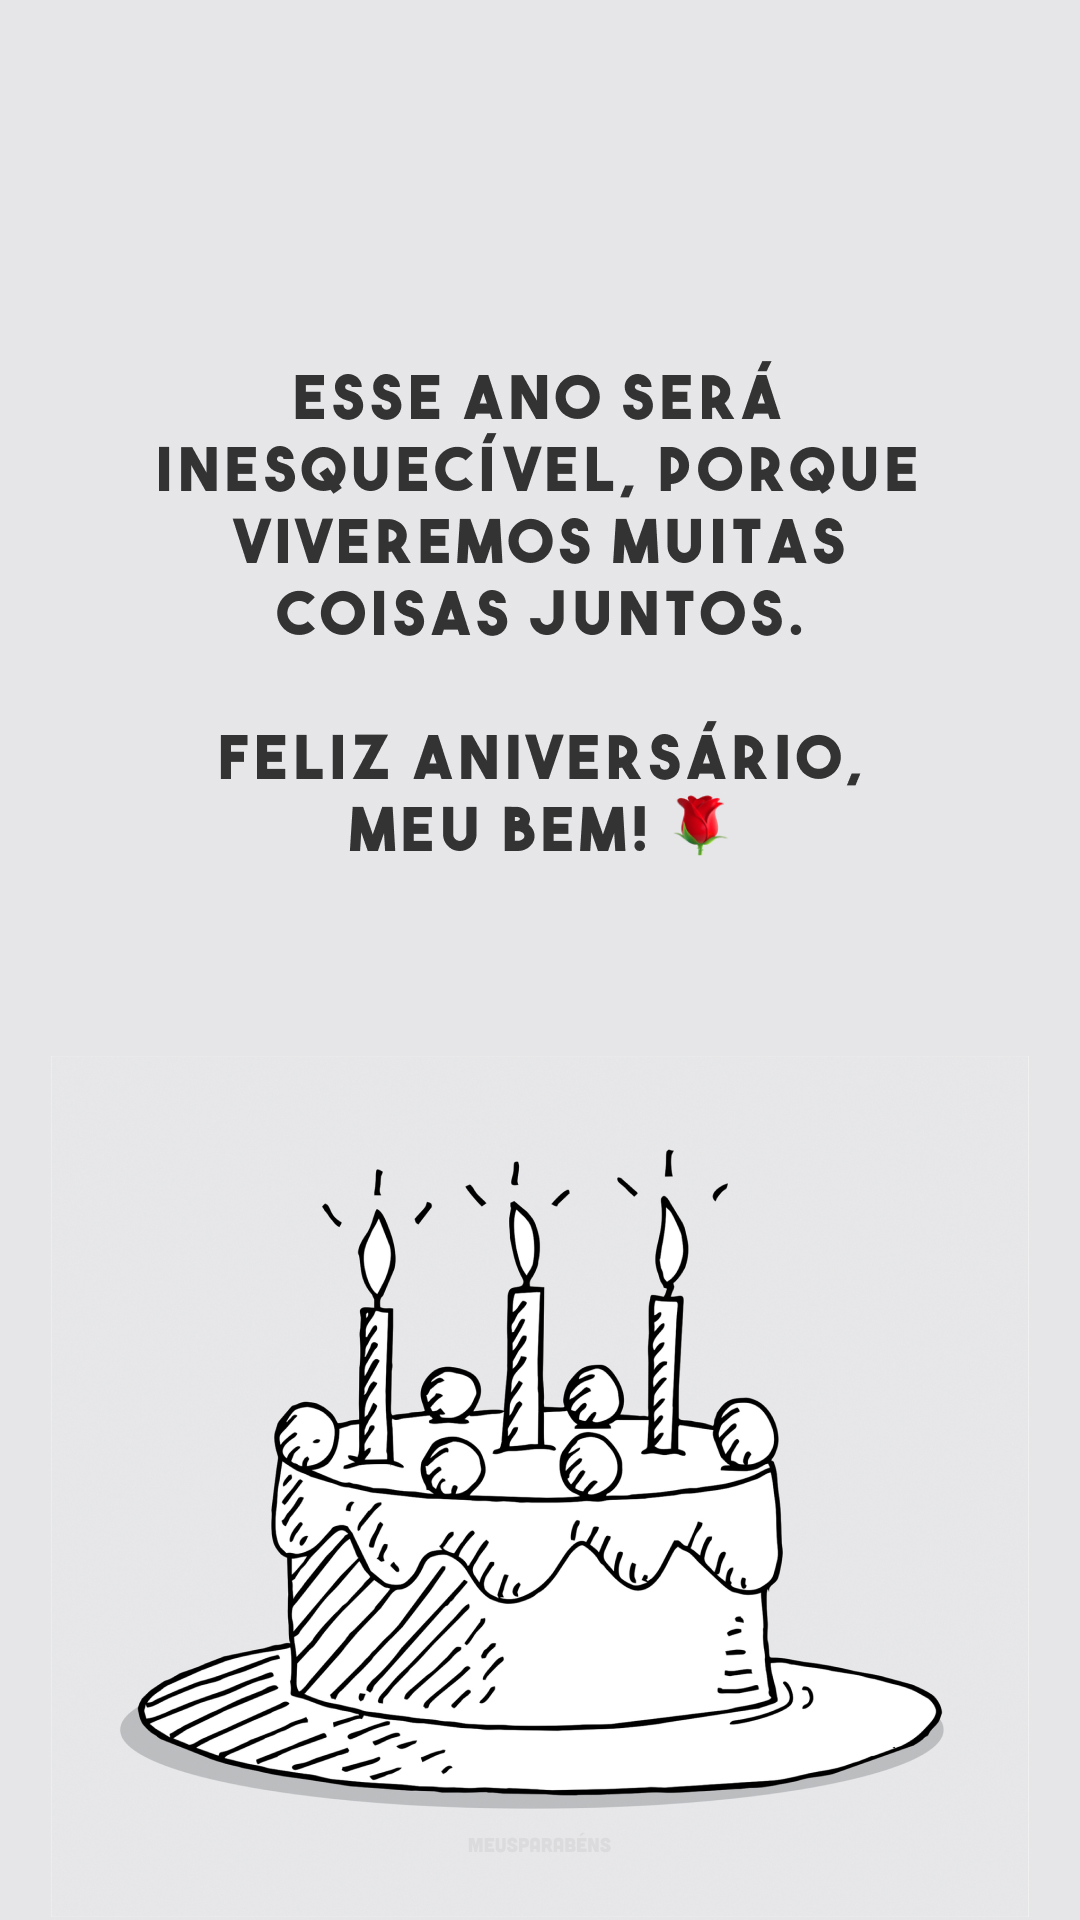 Esse ano será inesquecível, porque viveremos muitas coisas juntos. Feliz aniversário, meu bem! 🌹